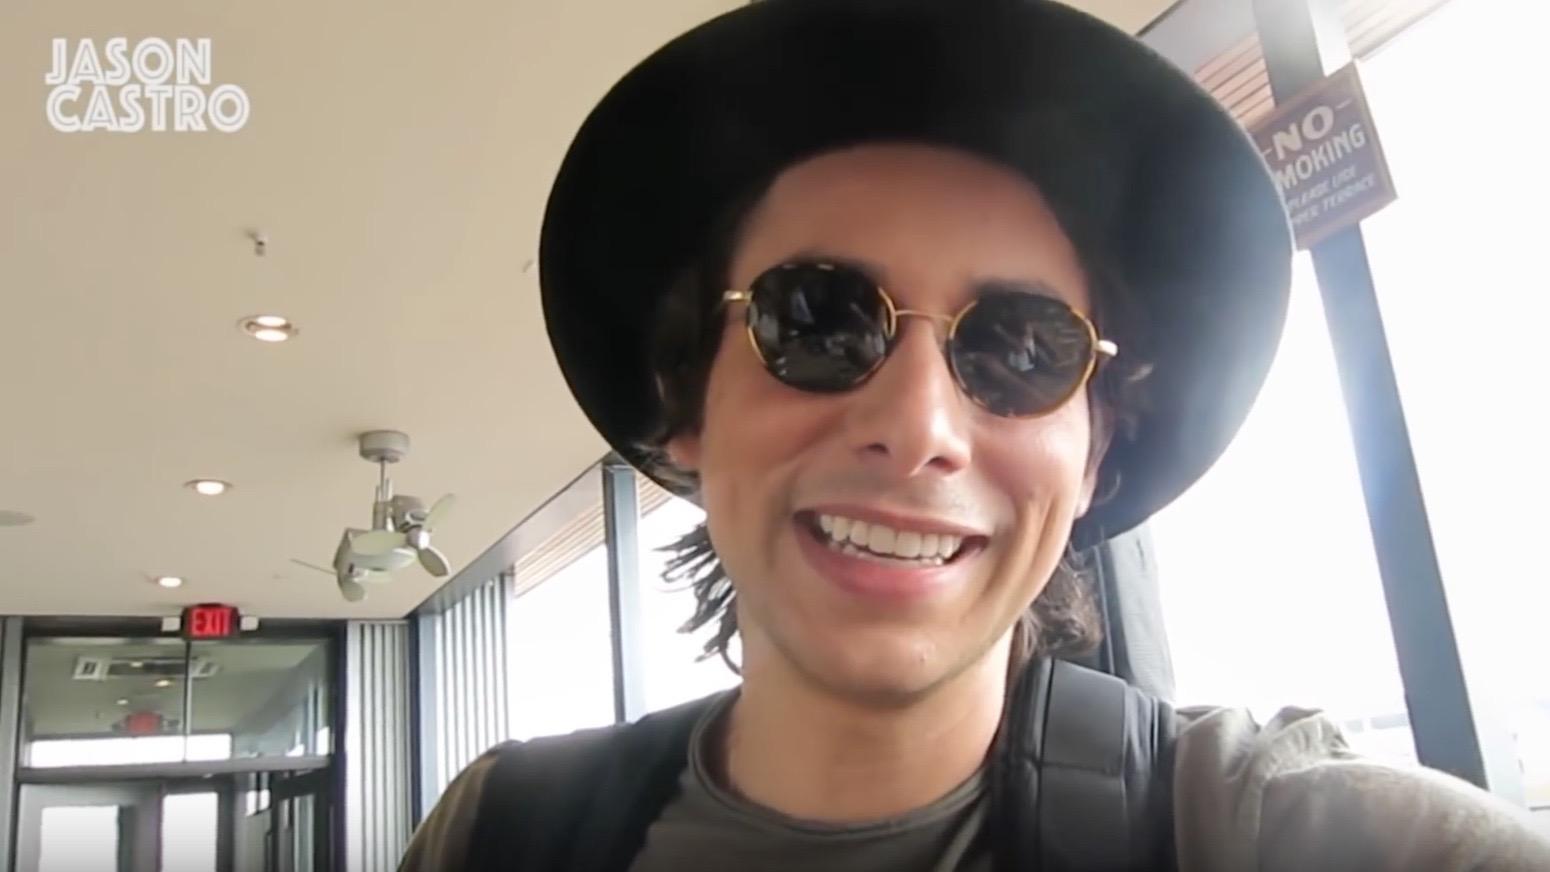 Jason Castro - Singer